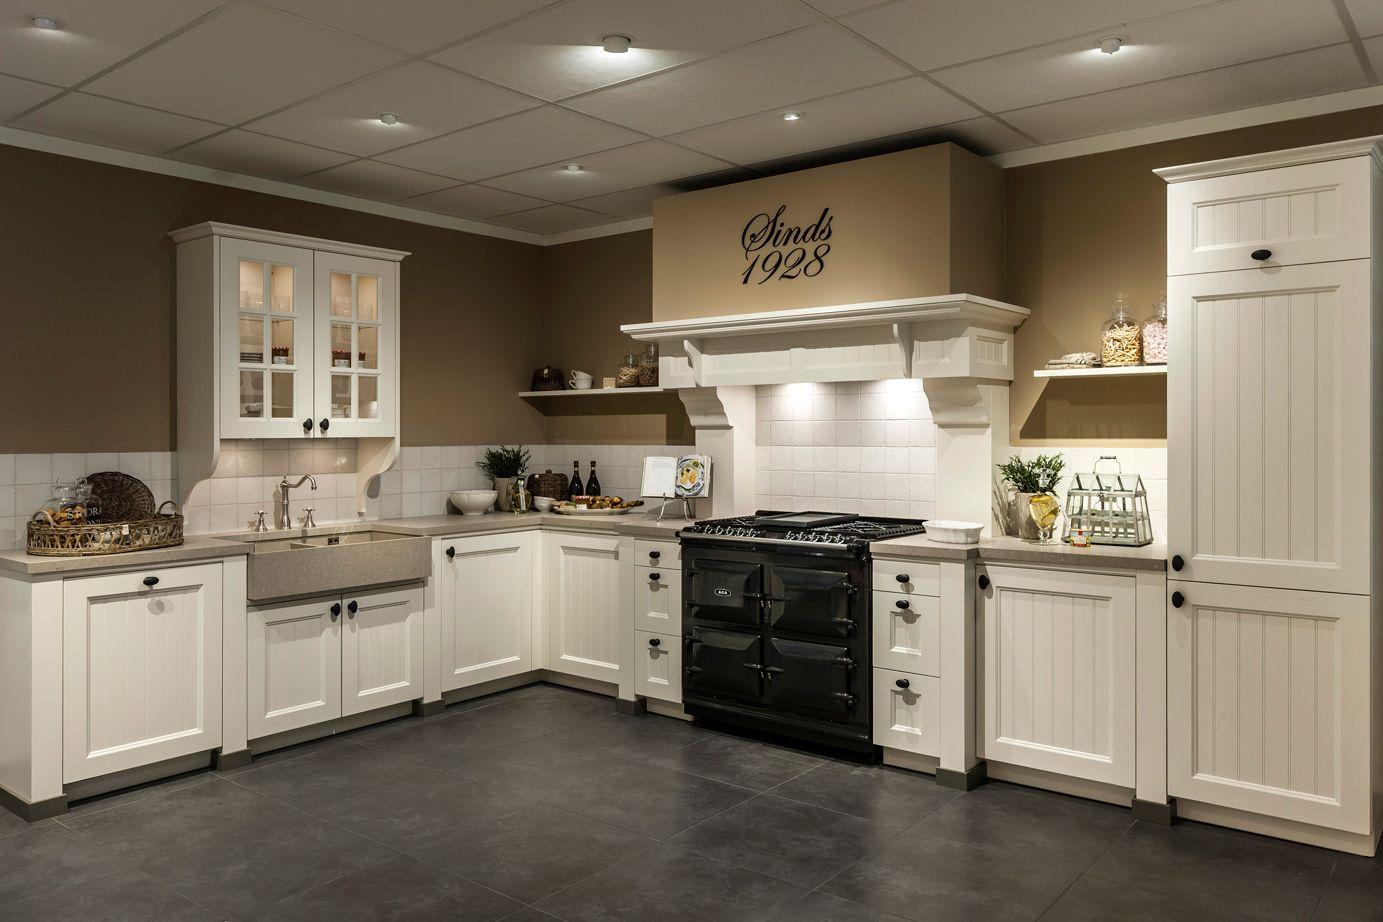 Fornuis Keuken Landelijk : Landelijke keuken kookplezier met aga fornuis db keukens